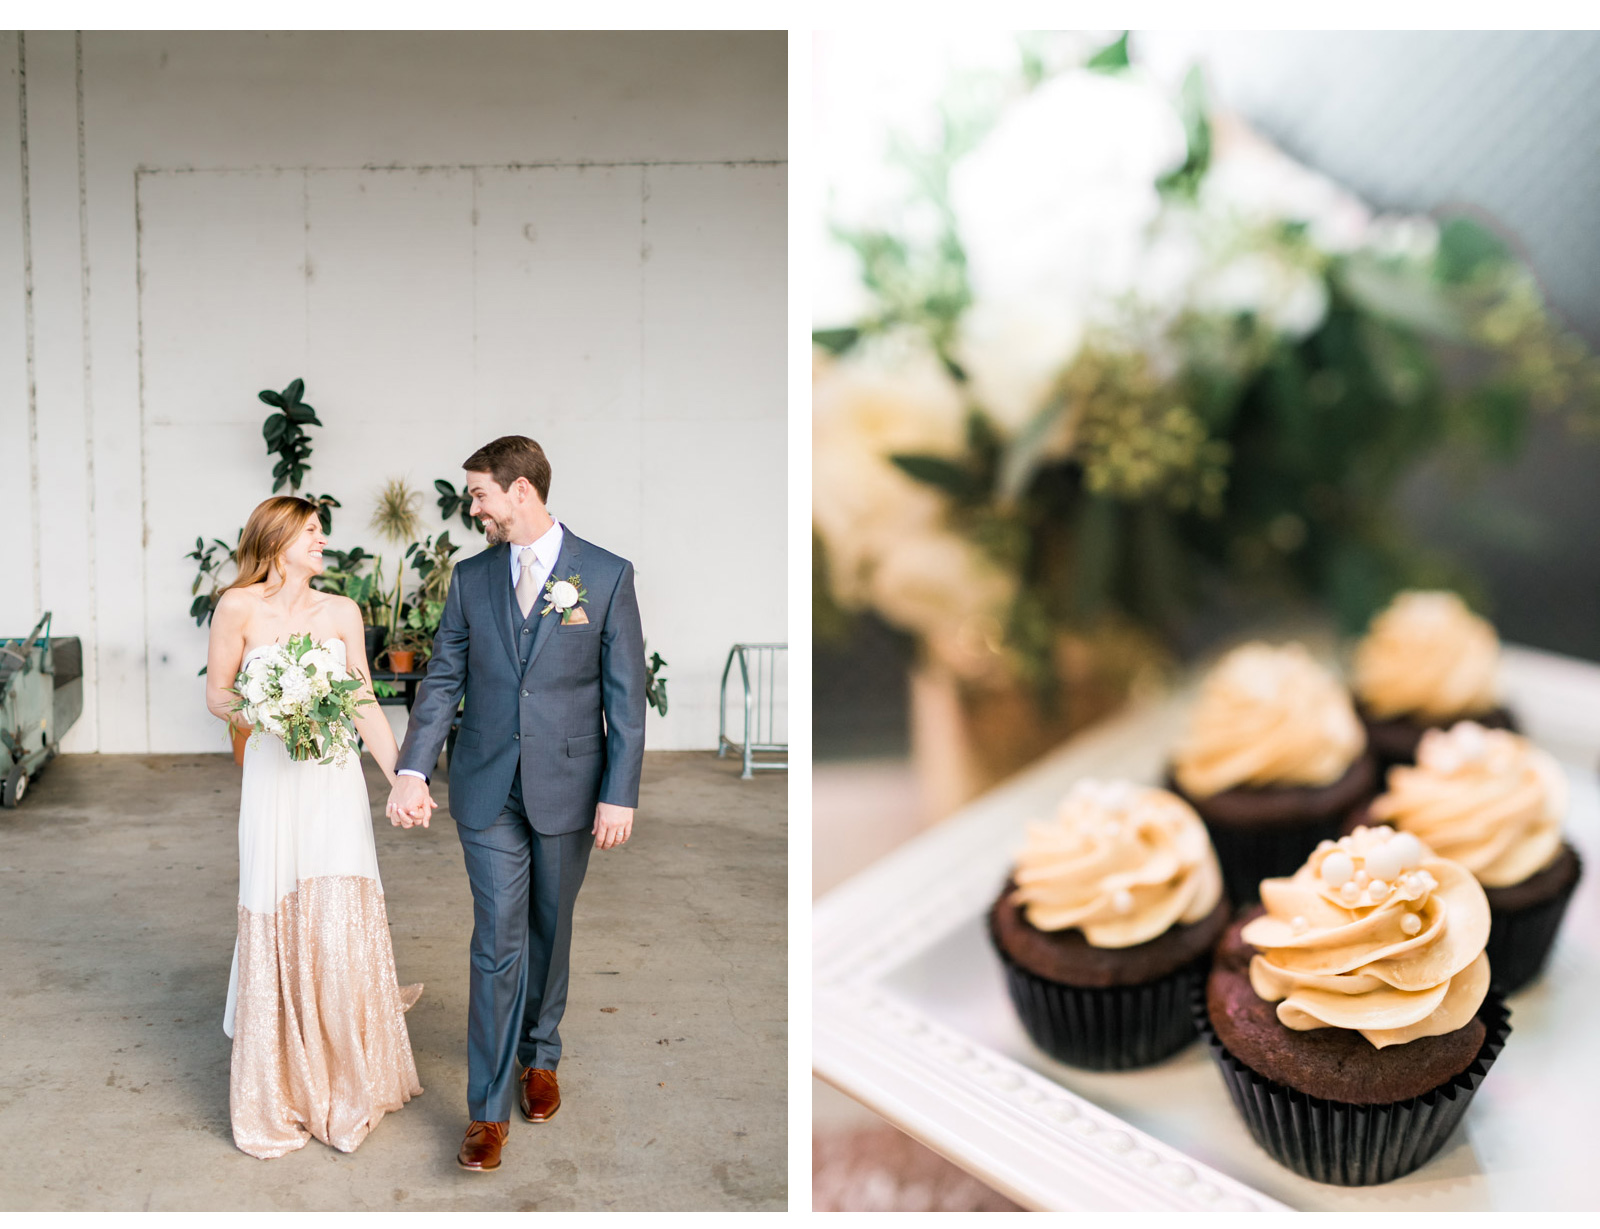 Natalie_Schutt_Wedding_Photography_Fall_Inspiration_04.jpg